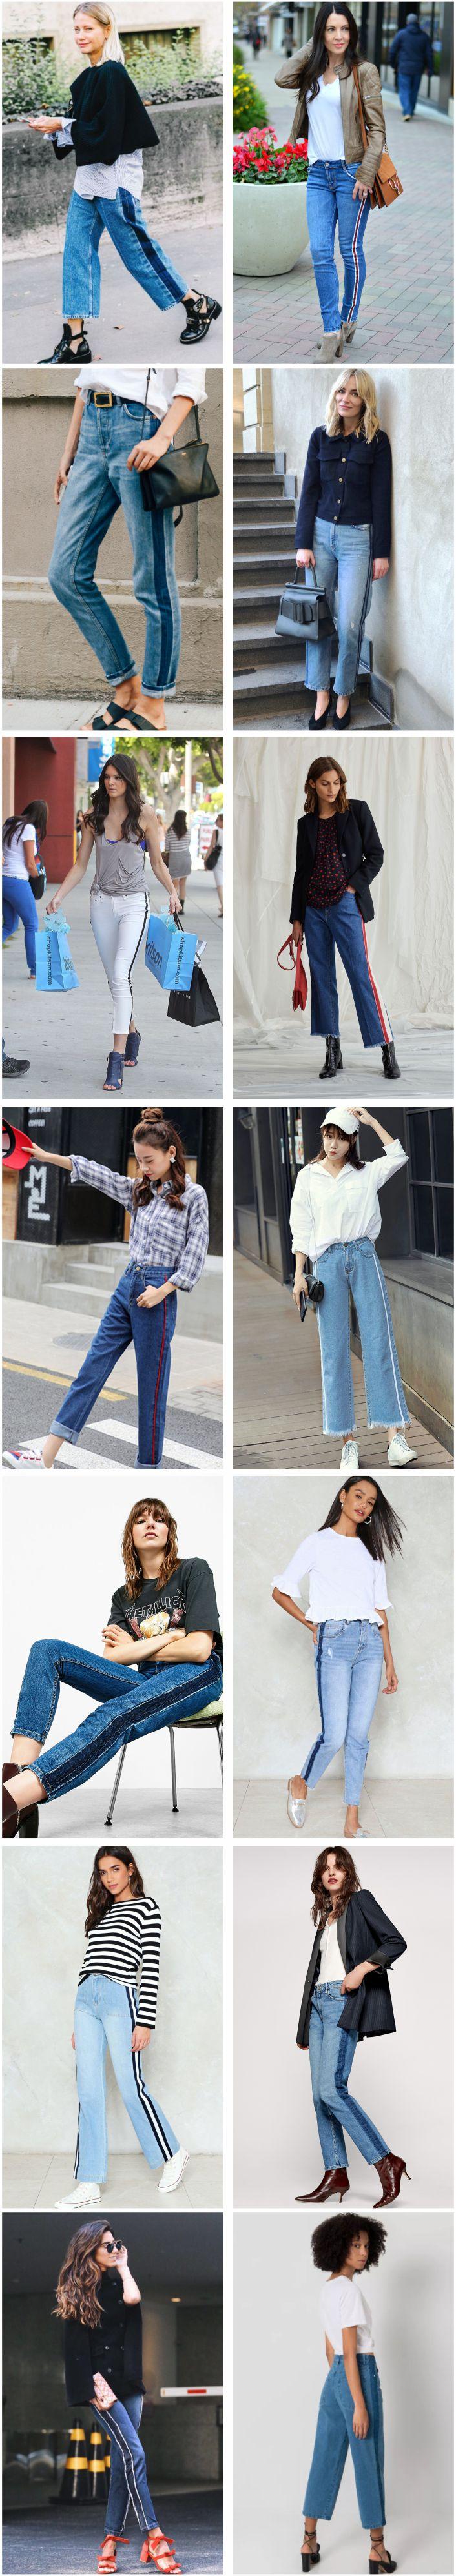 Fique de olho: Calça jeans com listra lateral